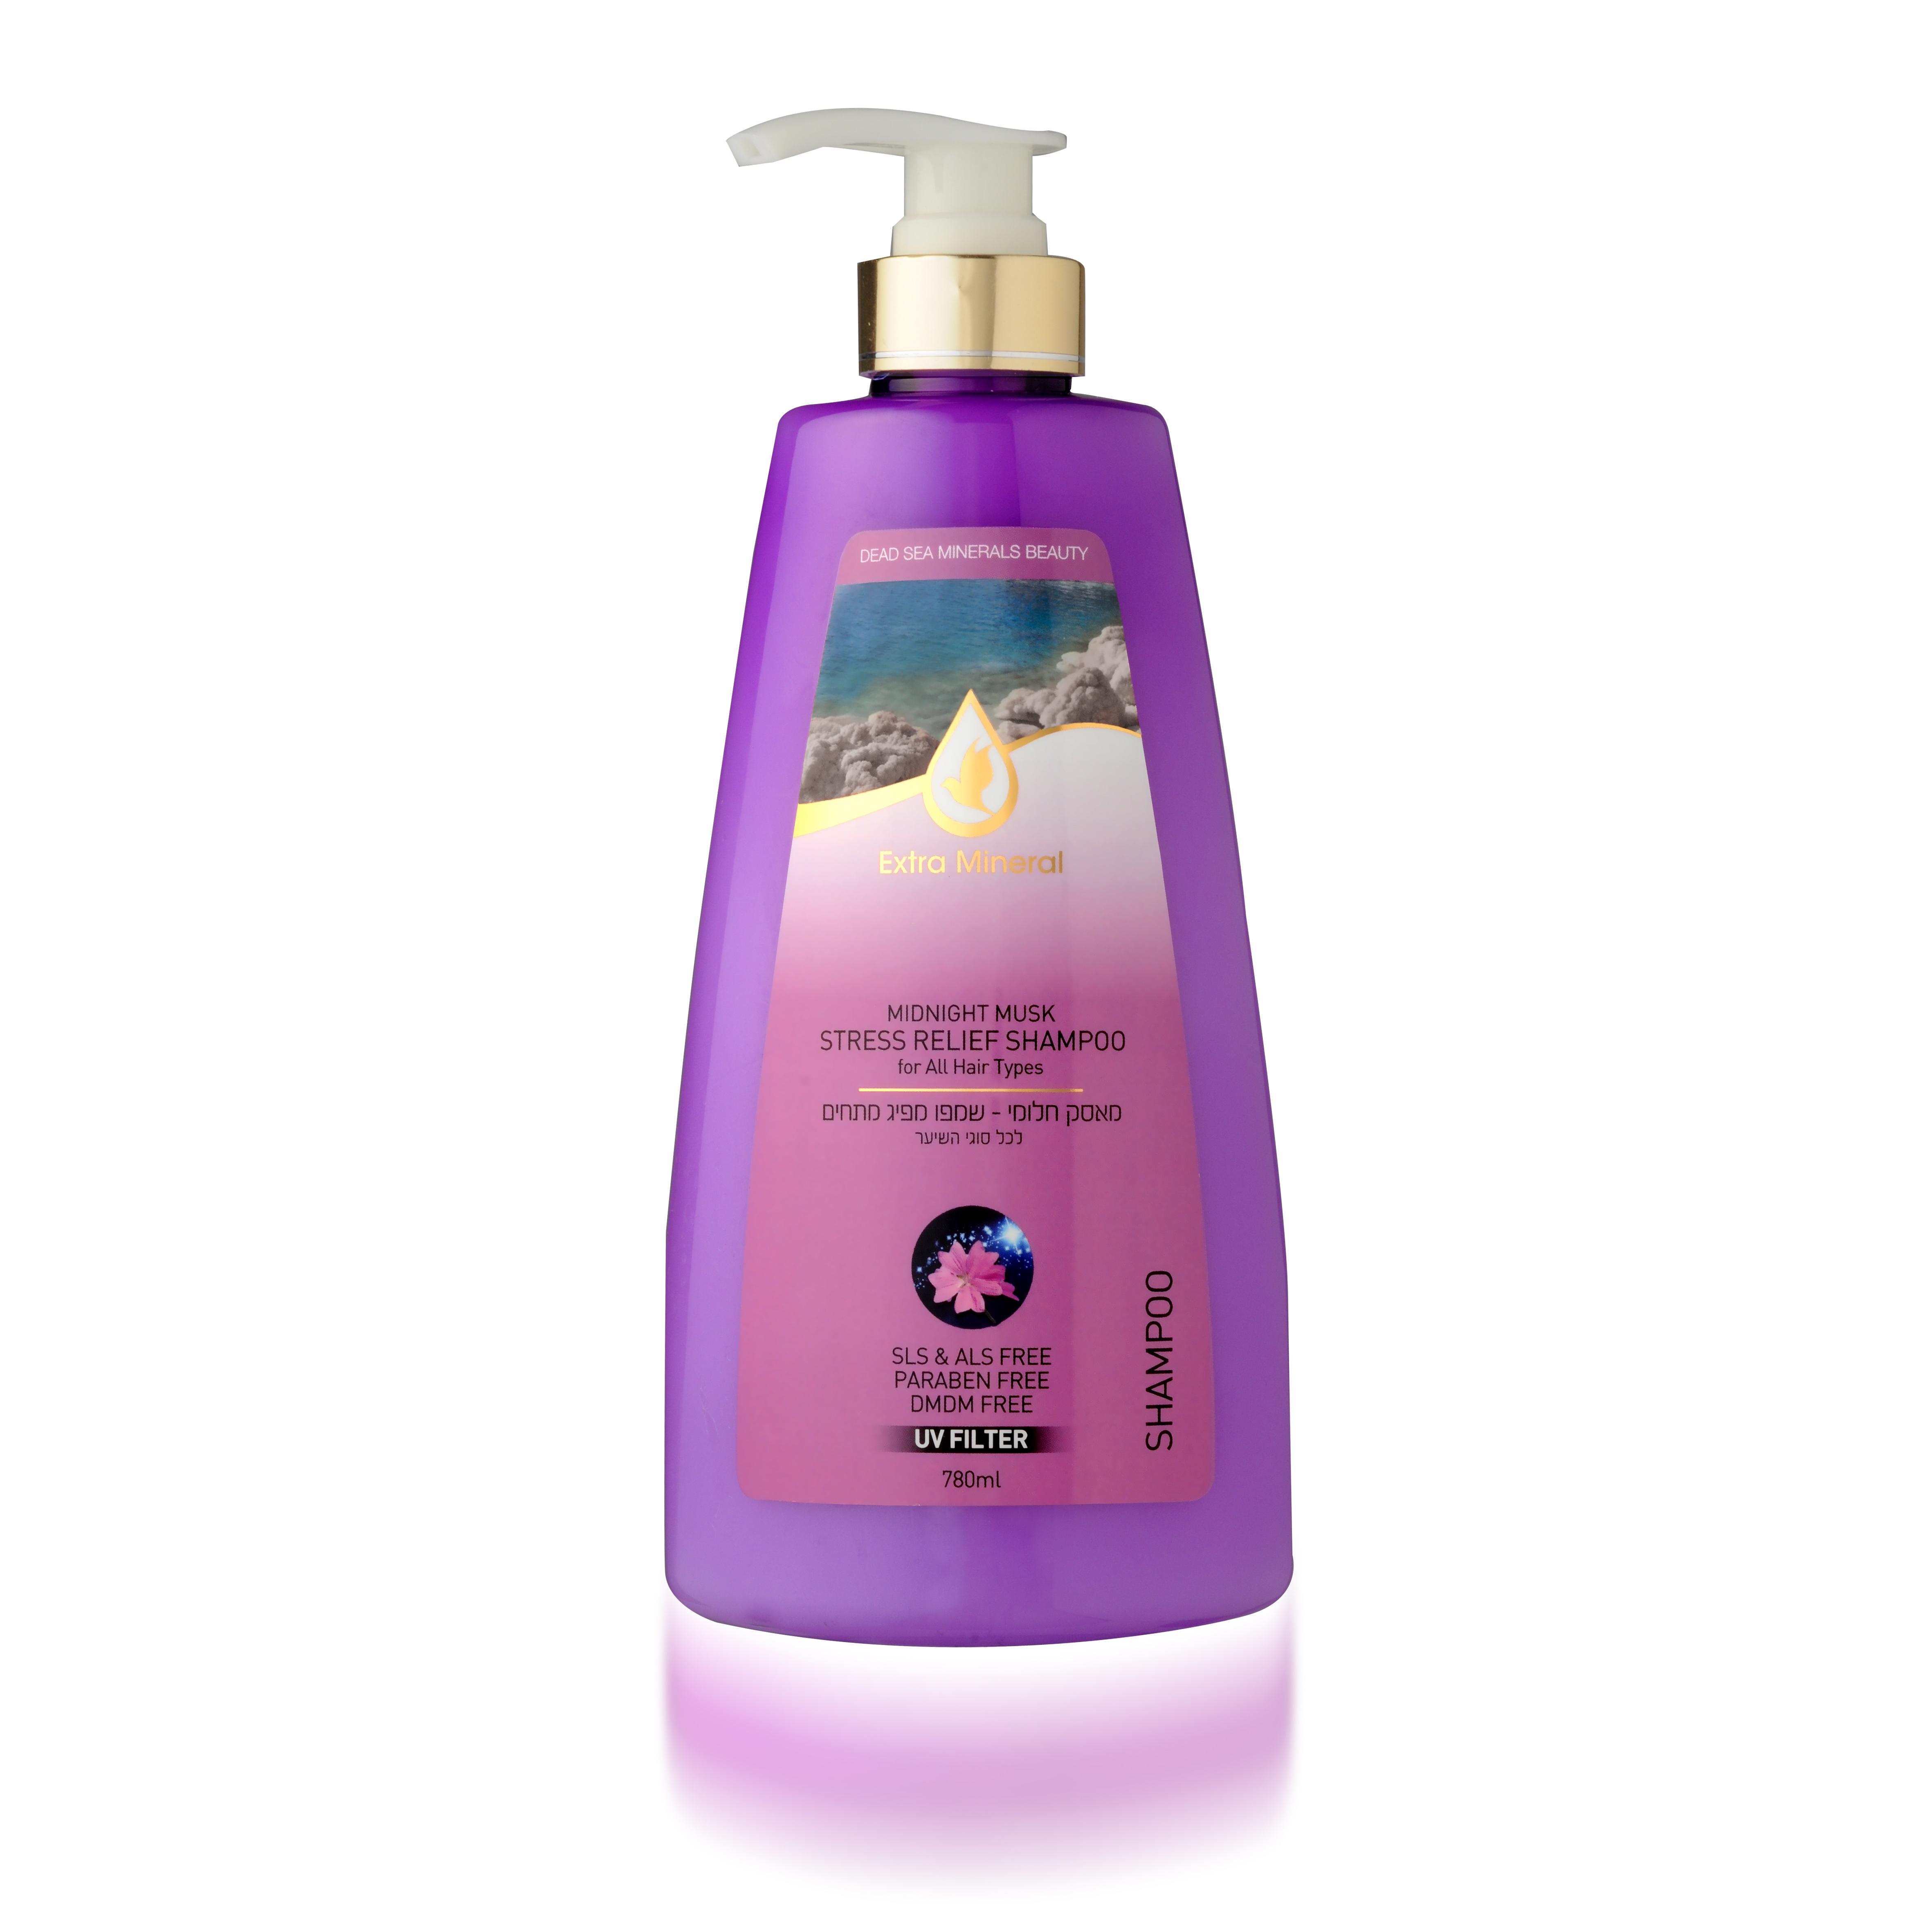 Extra Mineral Шампунь для всех типов волос антиистрессовый с полночным мускусом 780 млEXM2003Шампунь Extra Mineral с полночным мускусом, антистрессовый. Обогащен минералами Мертвого моря. Содержит полночный мускус, масло сладкого миндаля, витамин Е, минералы Мертвого моря. В составе содержит UV-фильтр, который защищает волосы от ультра-фиолетовых лучей, очищает волосы от соли, хлора и песка, восстанавливает баланс кожи головы. Волшебное сочетание активных натуральных компонентов благотворно влияет на волосы и кожу головы, волосы увлажняются и питаются, становятся шелковистыми. Нежная легкая пена дает ощущение свежести. Вы сразу почувствуете, как волосы начинают дышать, а изысканный аромат миндального масла и полночного мускуса не оставит вас равнодушным! Благодаря активному действию минералов Мертвого моря волосы насыщаются необходимыми минералами, волосы оздоравливается, улучшается их внешний вид; улучшается клеточный метаболизм кожи головы и лица, стимулируется синтез белка, повышается регенерация клеток. Минералы обладают сильными антиаллергенными свойствами и являются...